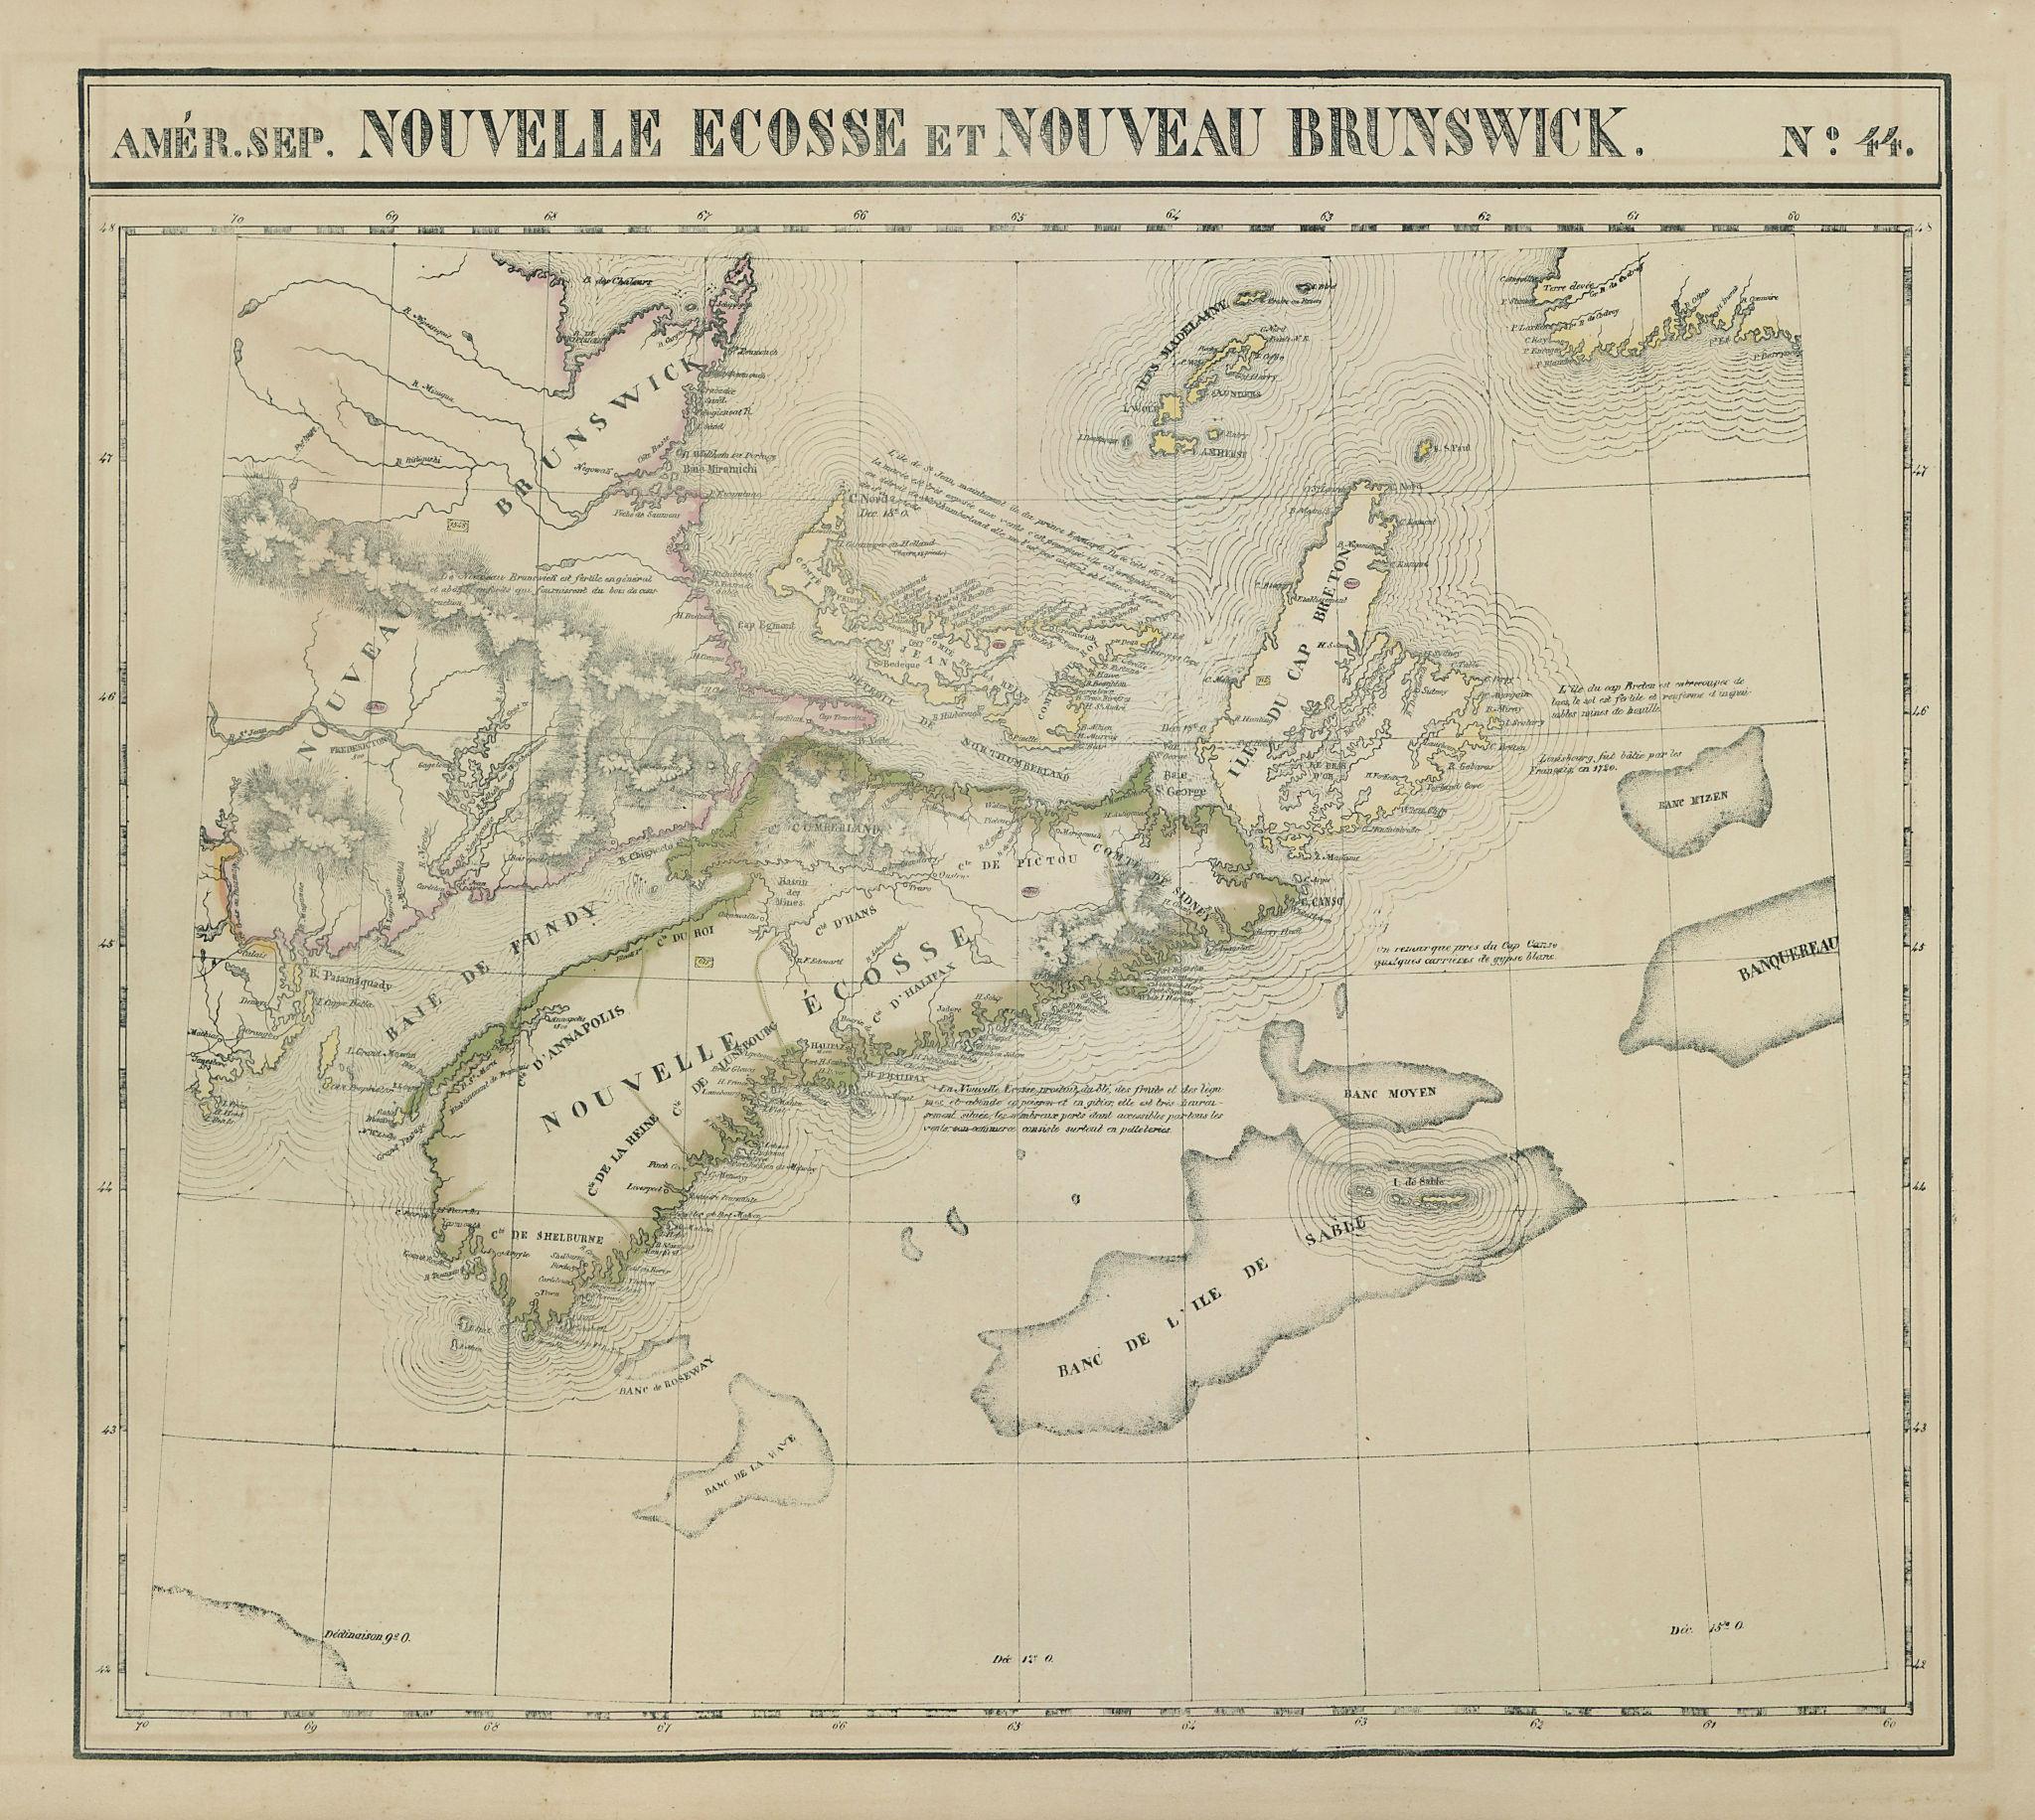 Amér. Sep. Nouvelle Écosse et Nouveau Brunswick #44 Canada VANDERMAELEN 1827 map